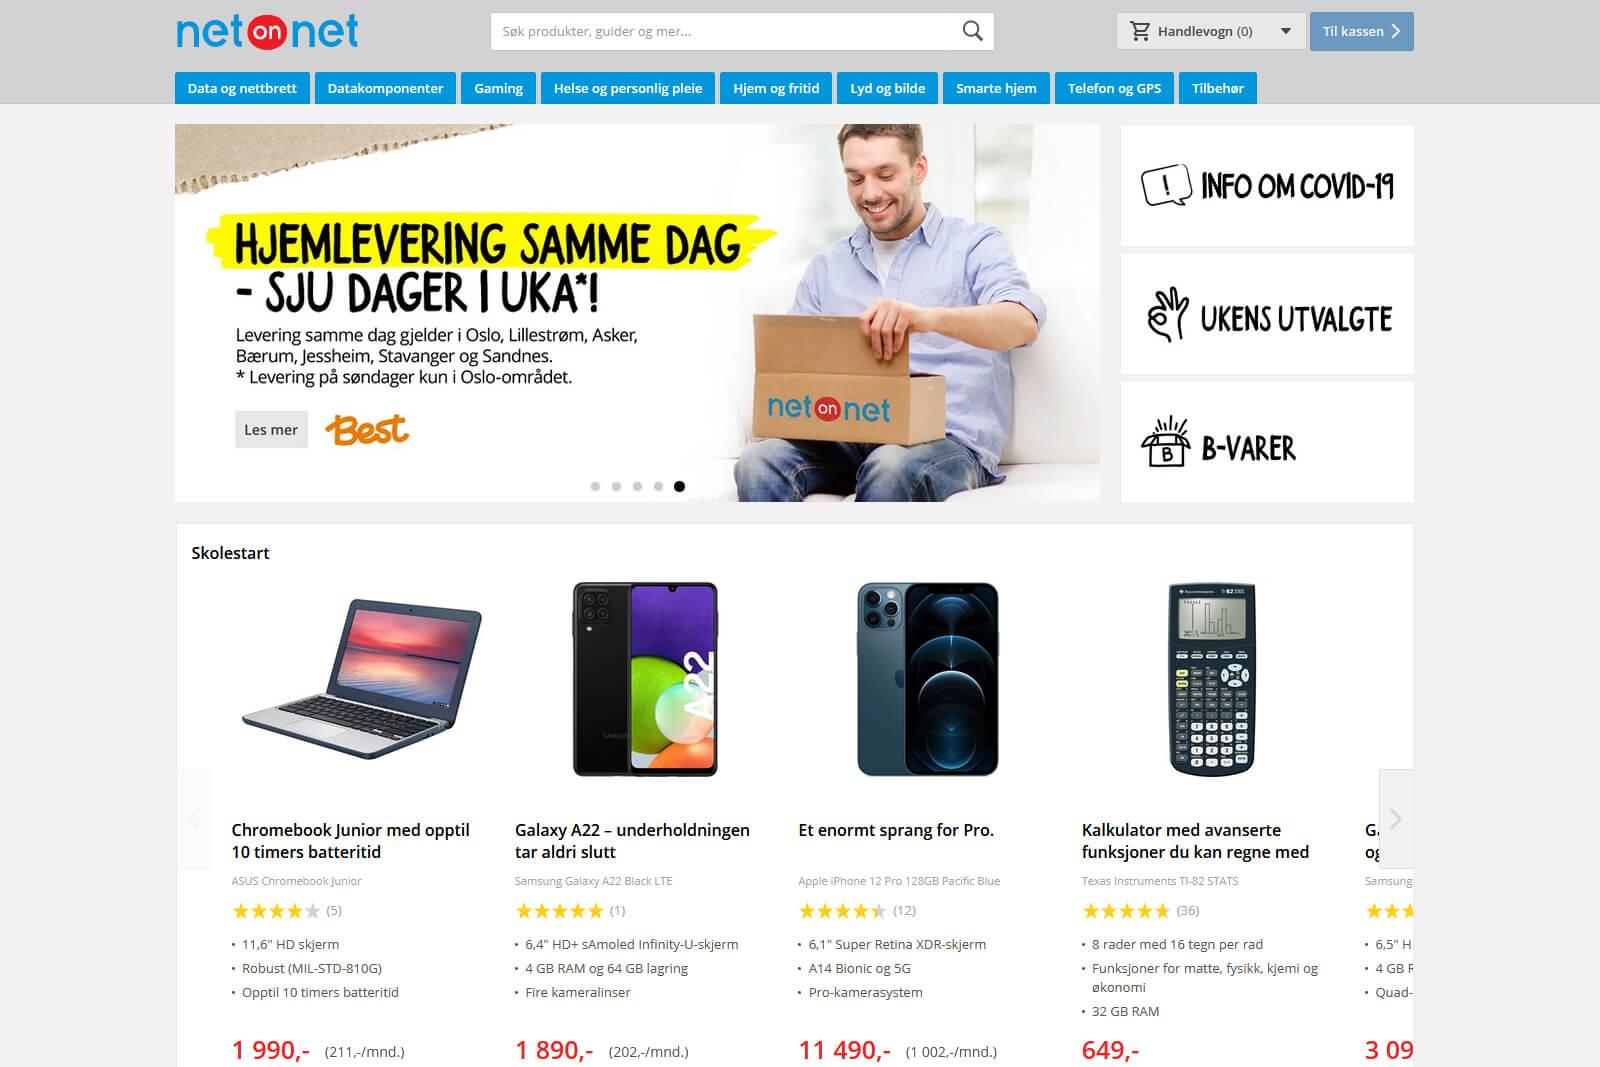 NetOnNet nettbutikk forside sep 2021